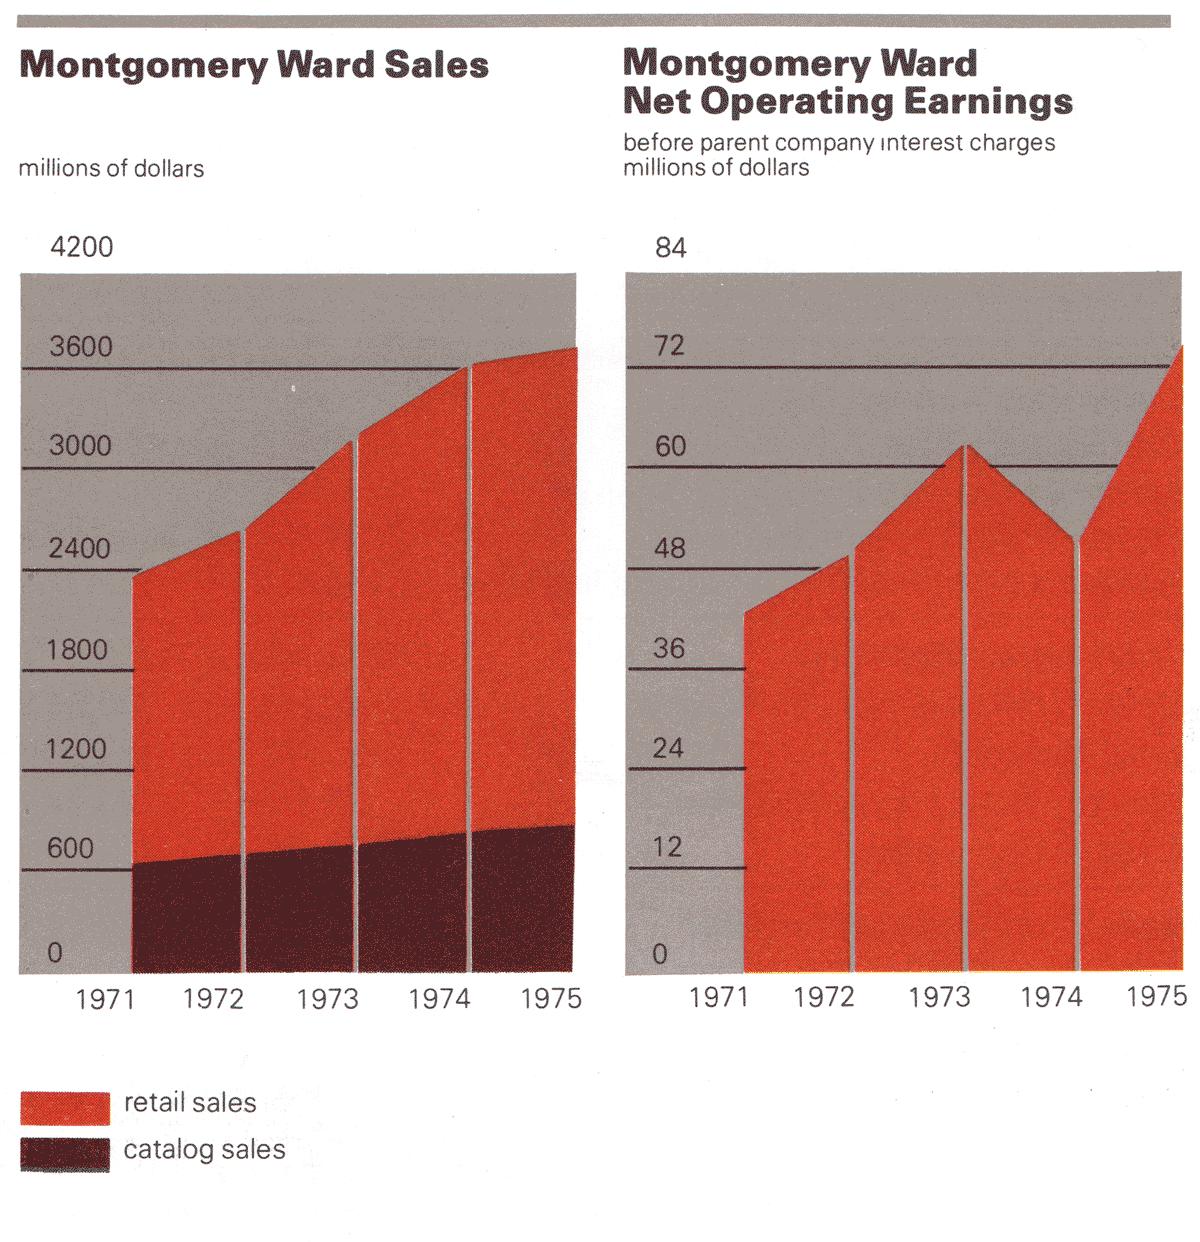 Montgomery ward sales slumping